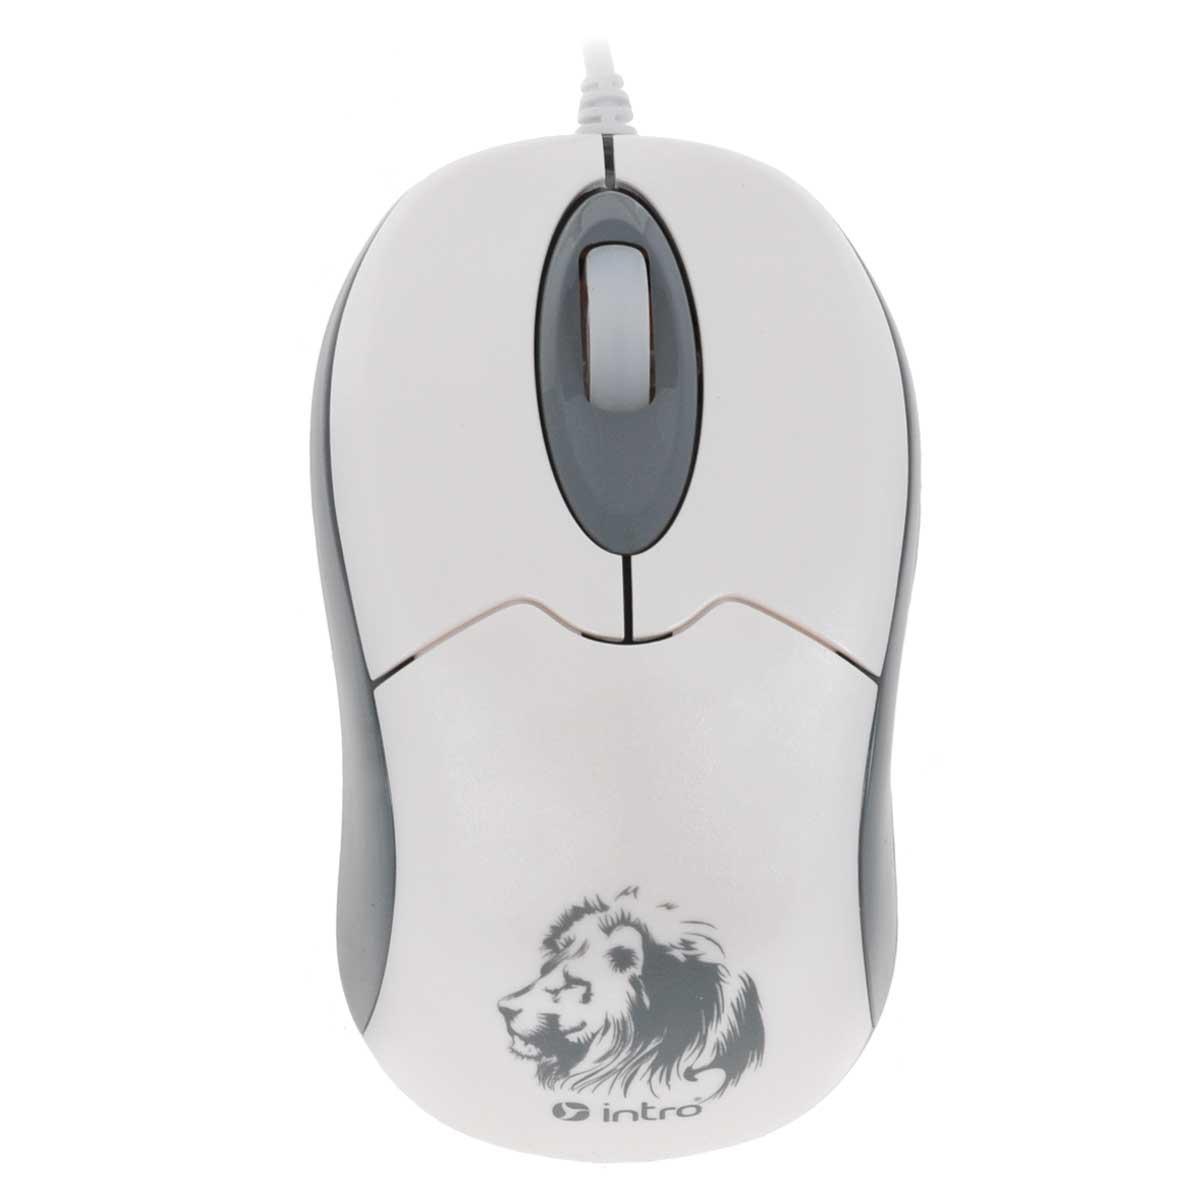 Intro MU204, White мышьMU204Стильная проводная мышь Intro MU204 обладает эргономичным дизайном и отлично подходит как для игр, так и для работы в офисе.